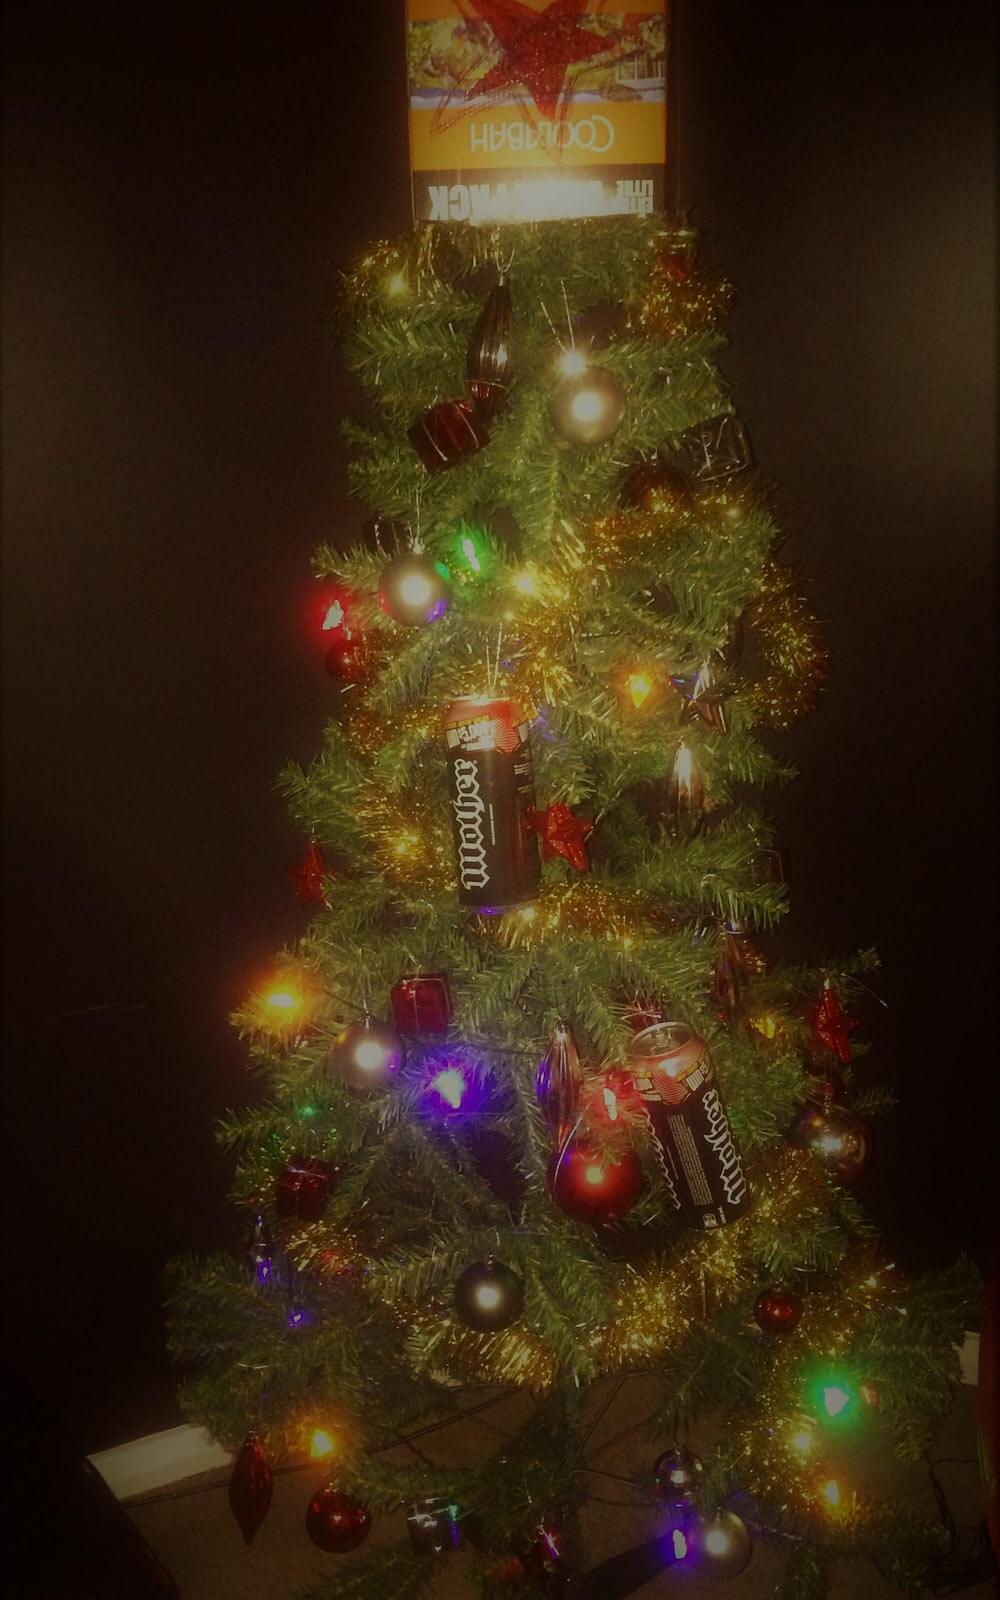 Plastik-Weihnachtsbaum in Australien